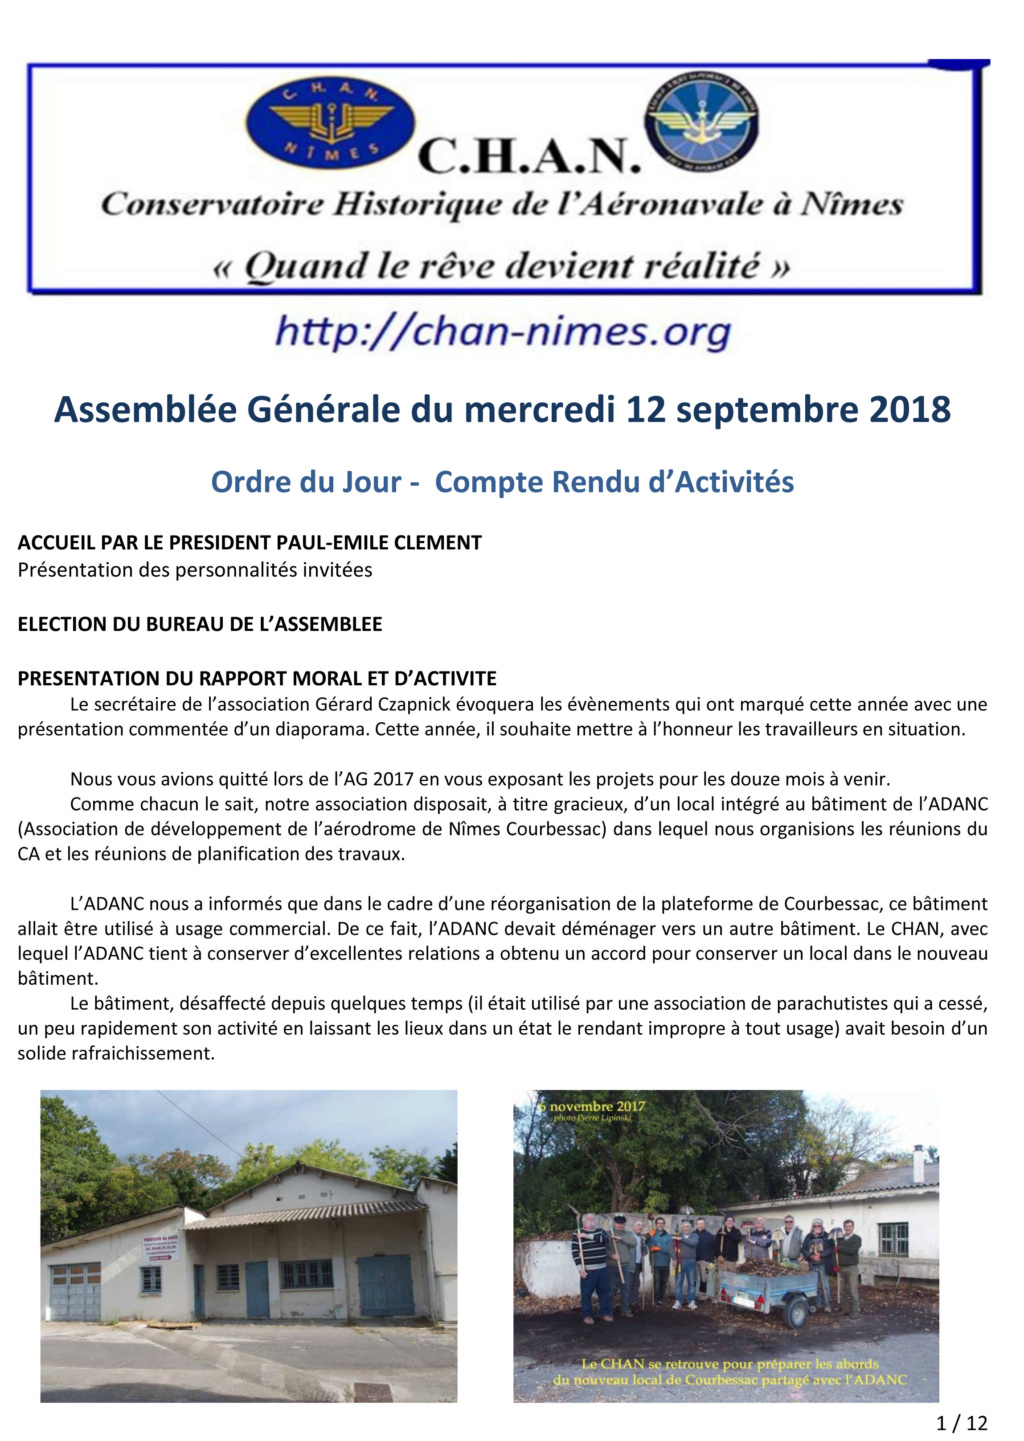 [Associations anciens marins] C.H.A.N.-Nîmes (Conservatoire Historique de l'Aéronavale-Nîmes) - Page 5 2018_010